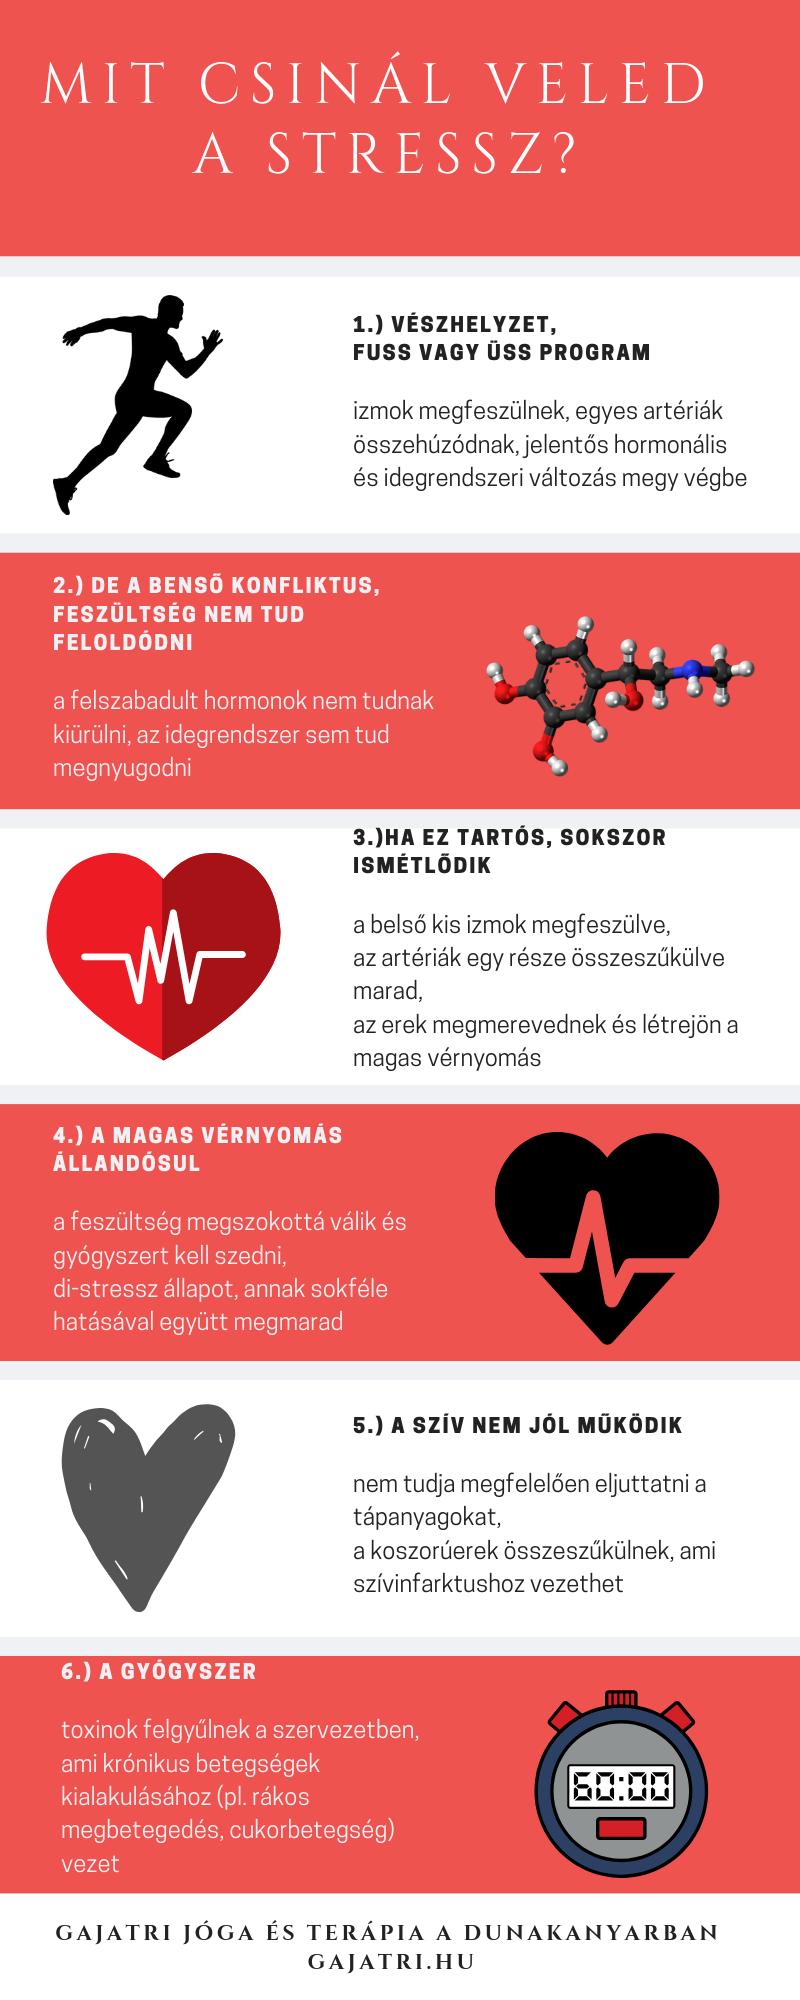 ATORVASTATIN-TEVA 20 mg filmtabletta - Gyógyszerkereső - Hácafa.hu